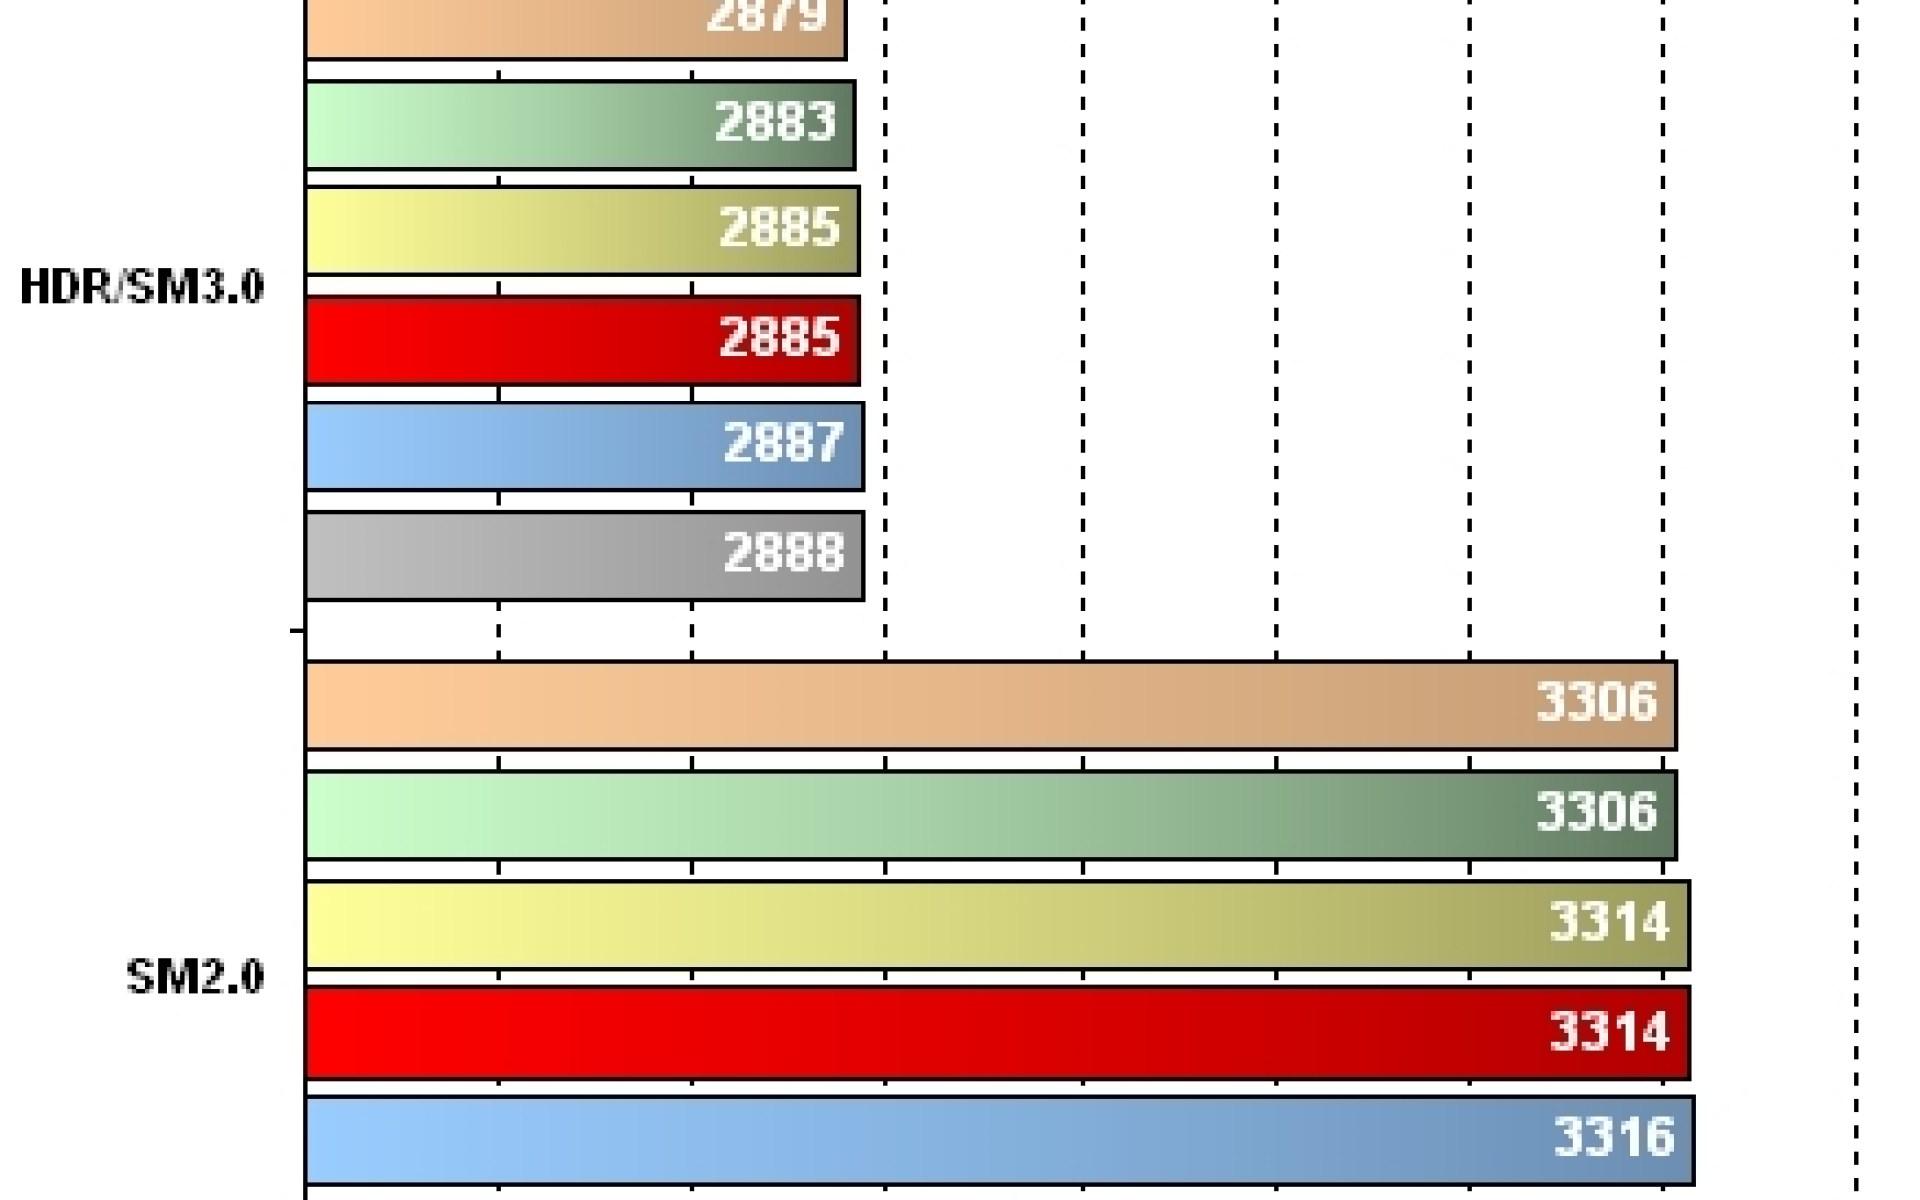 GeForce 8800M GTX - Résultats 3DMark06 HDR et SM - 1920 x 1200